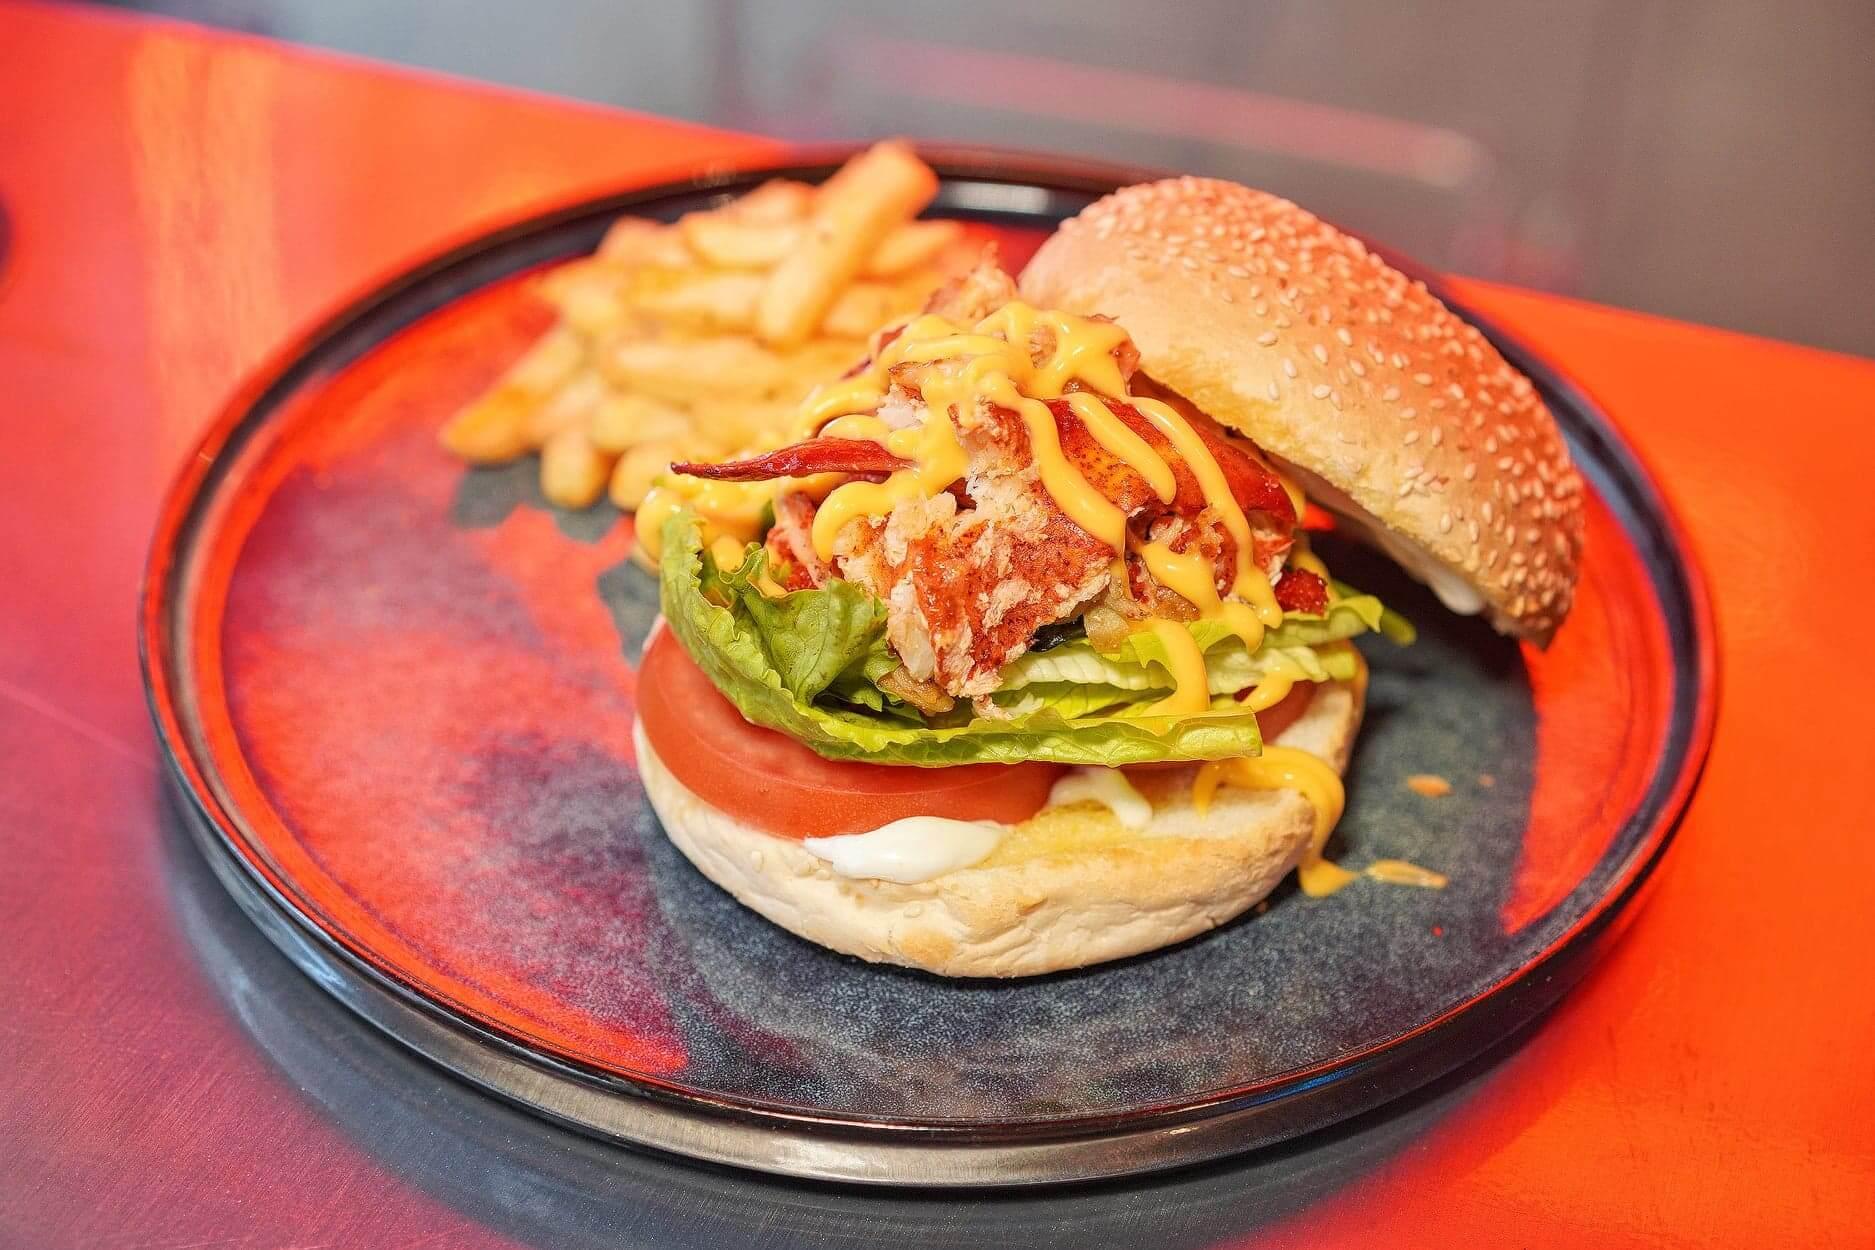 烤龍蝦肉漢堡,龍蝦肉有啲over cook,無咩龍蝦味。